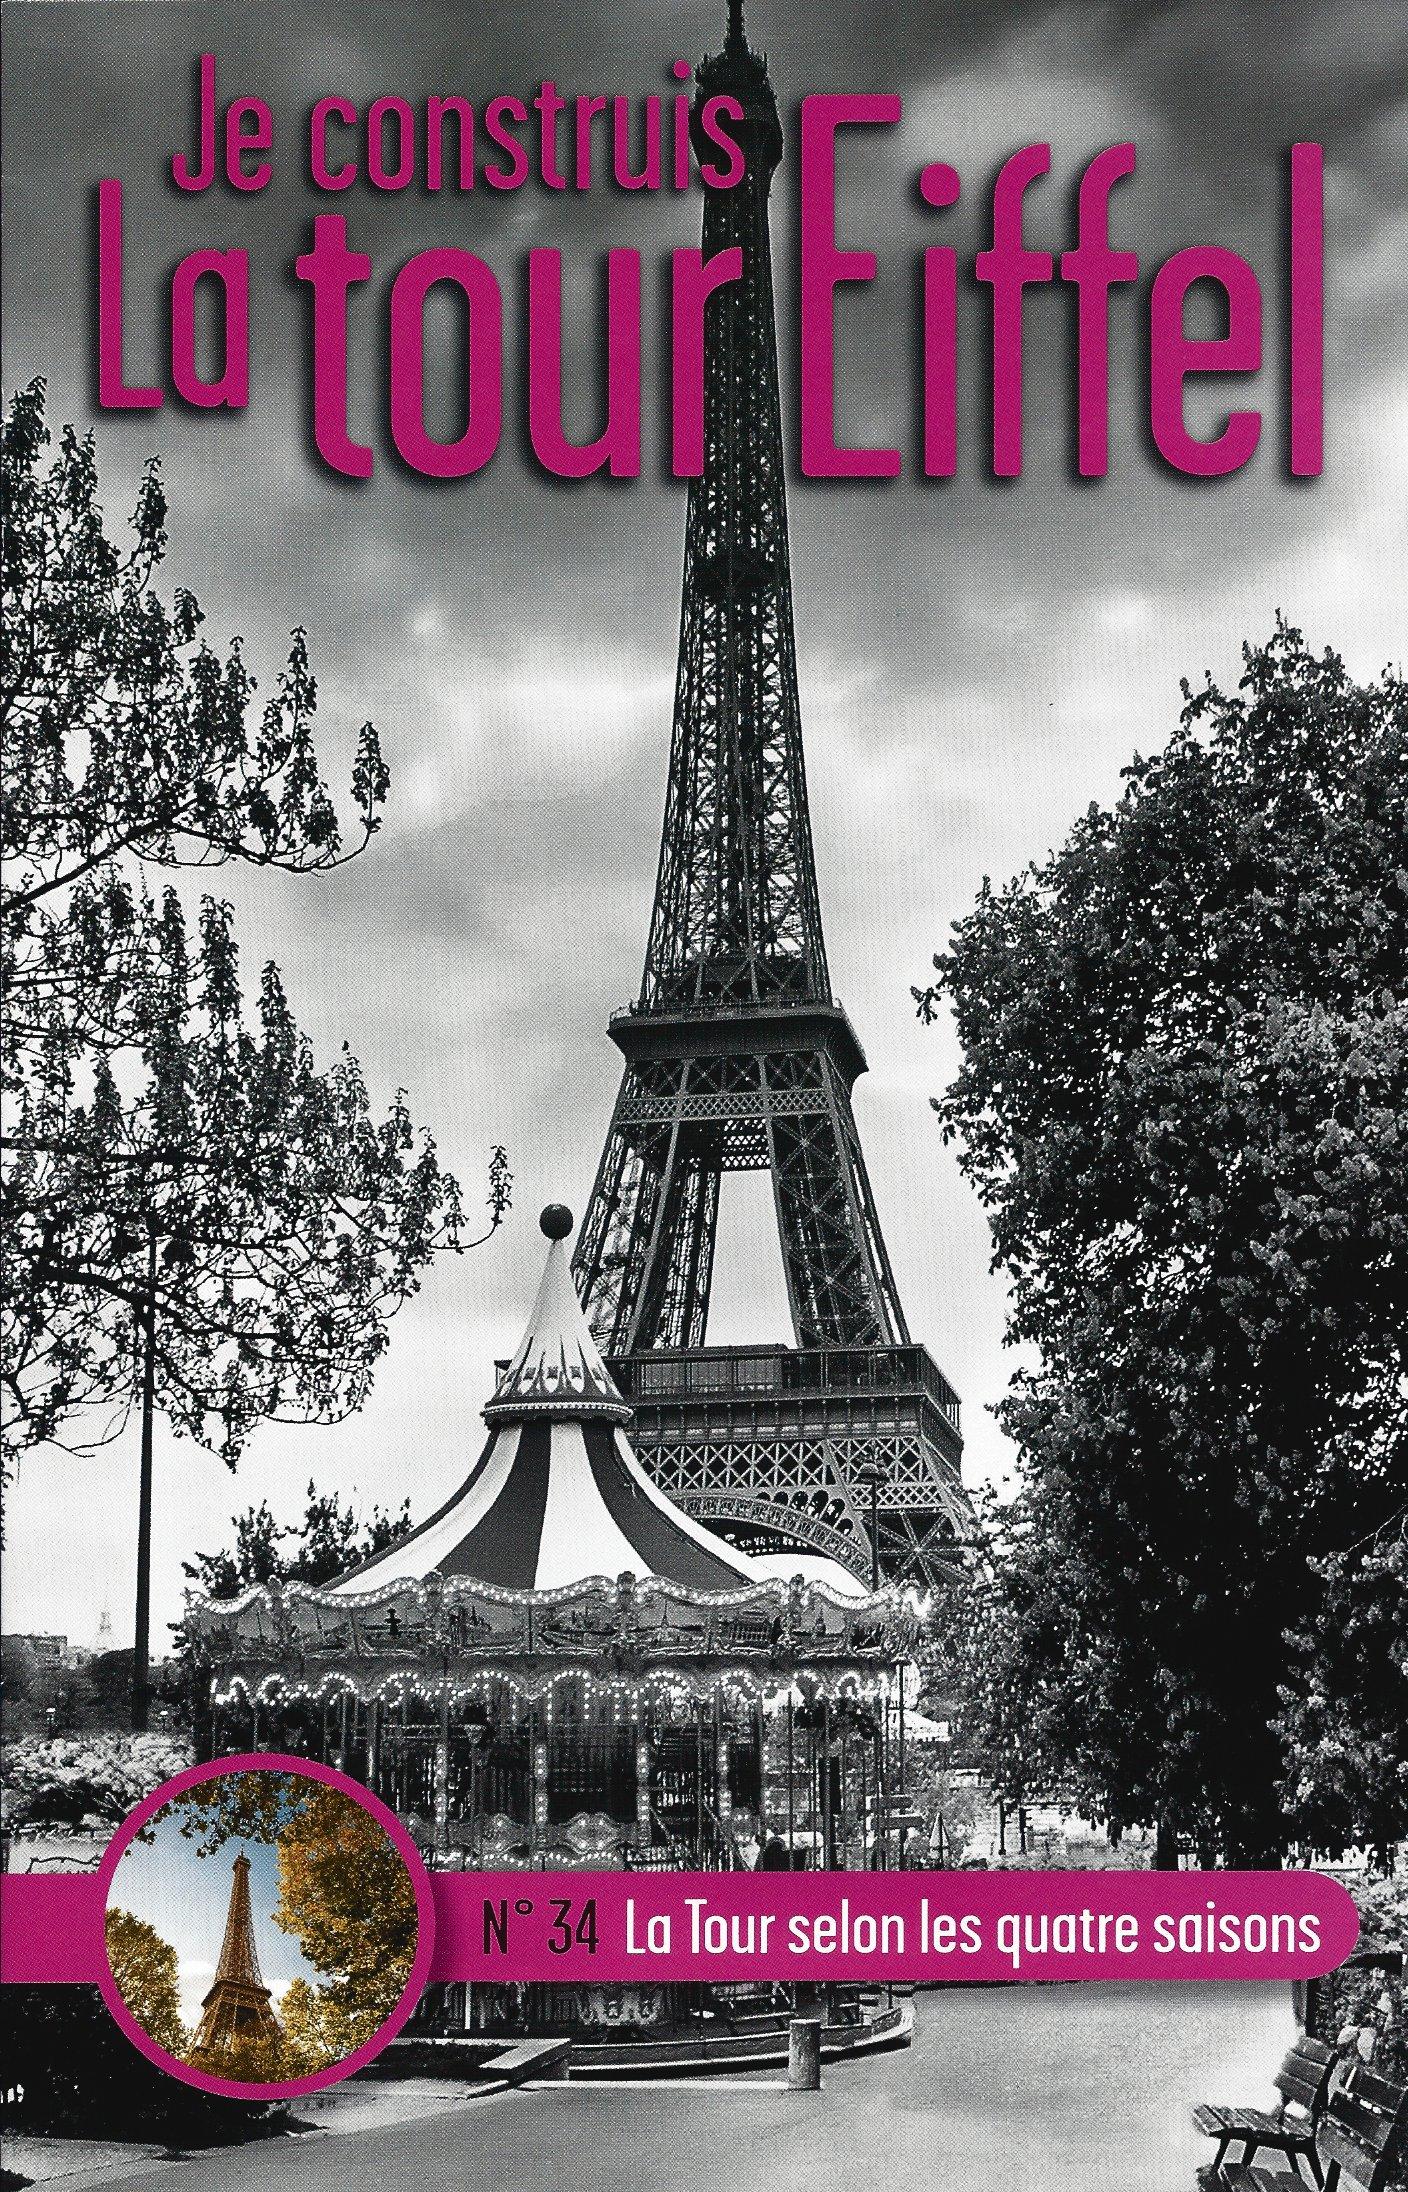 Numéro 34 - Je construis la Tour Eiffel - La tour selon les quatre saisons 83830834a